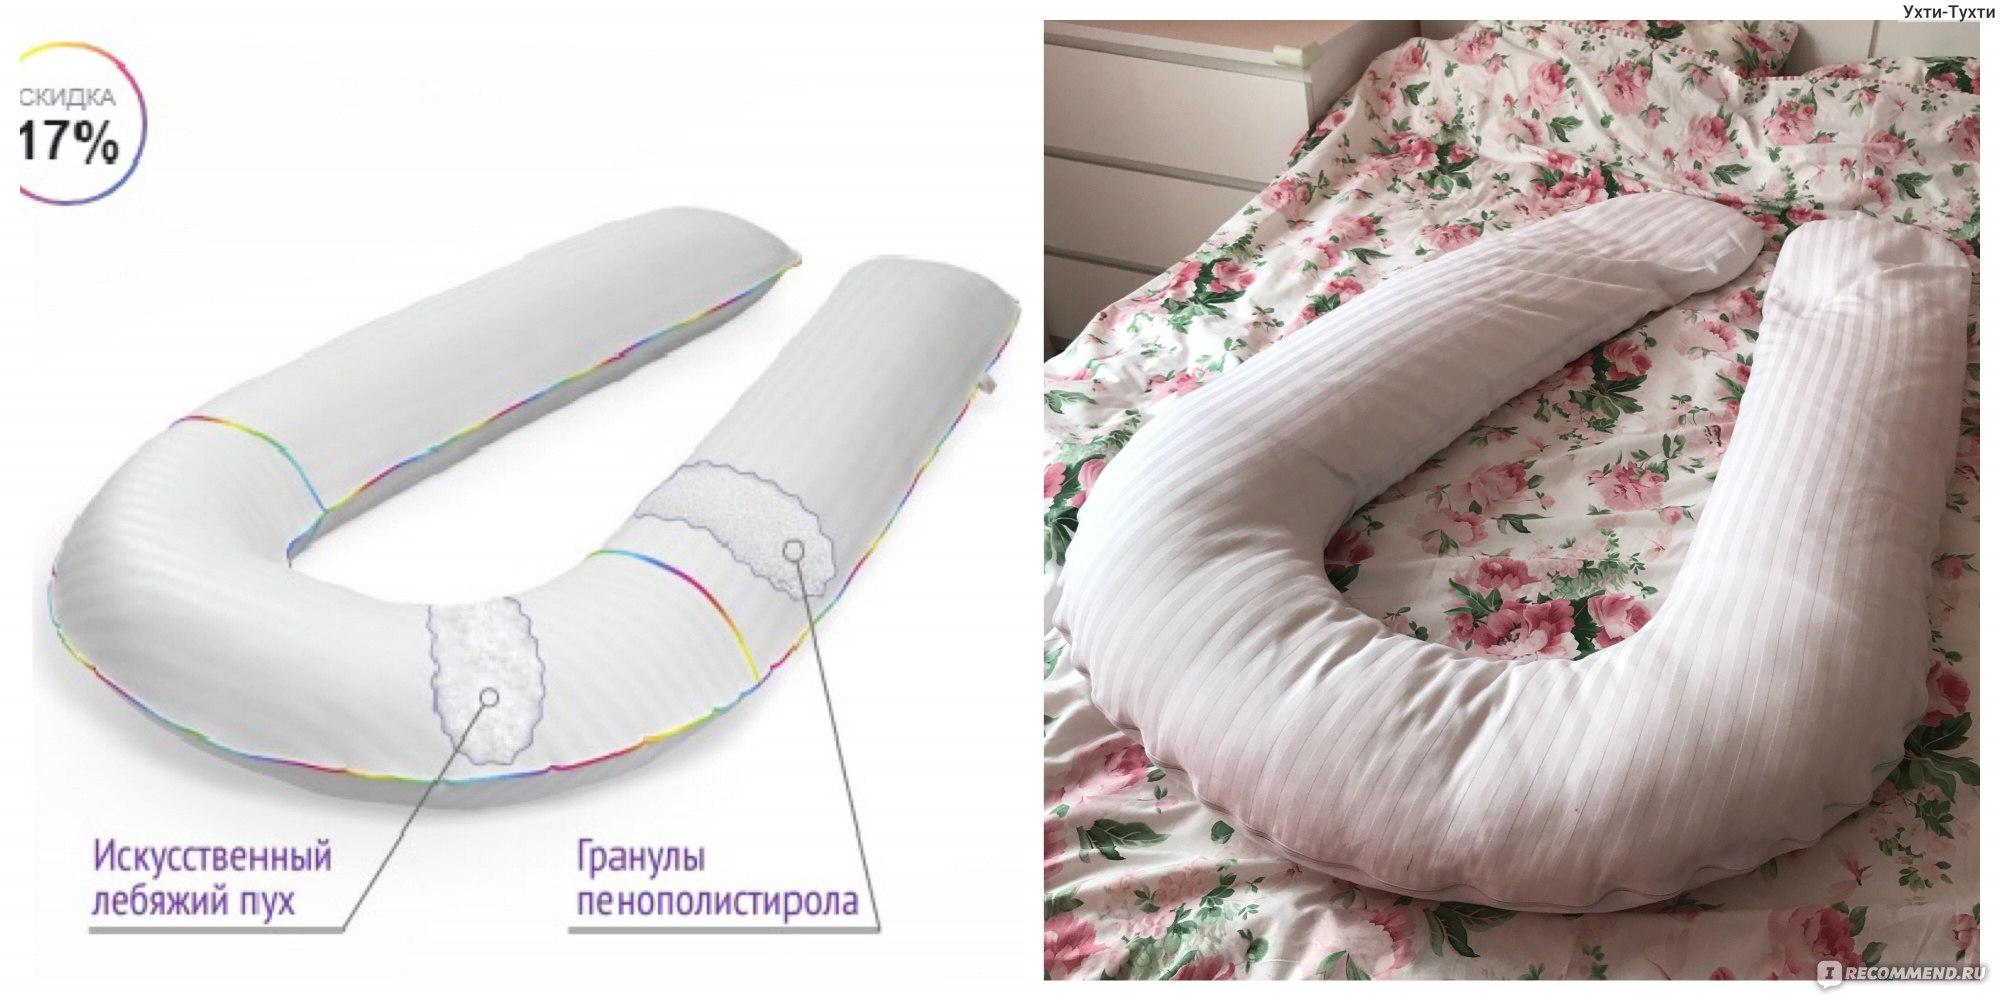 Пенополистирол в подушках для беременных 93